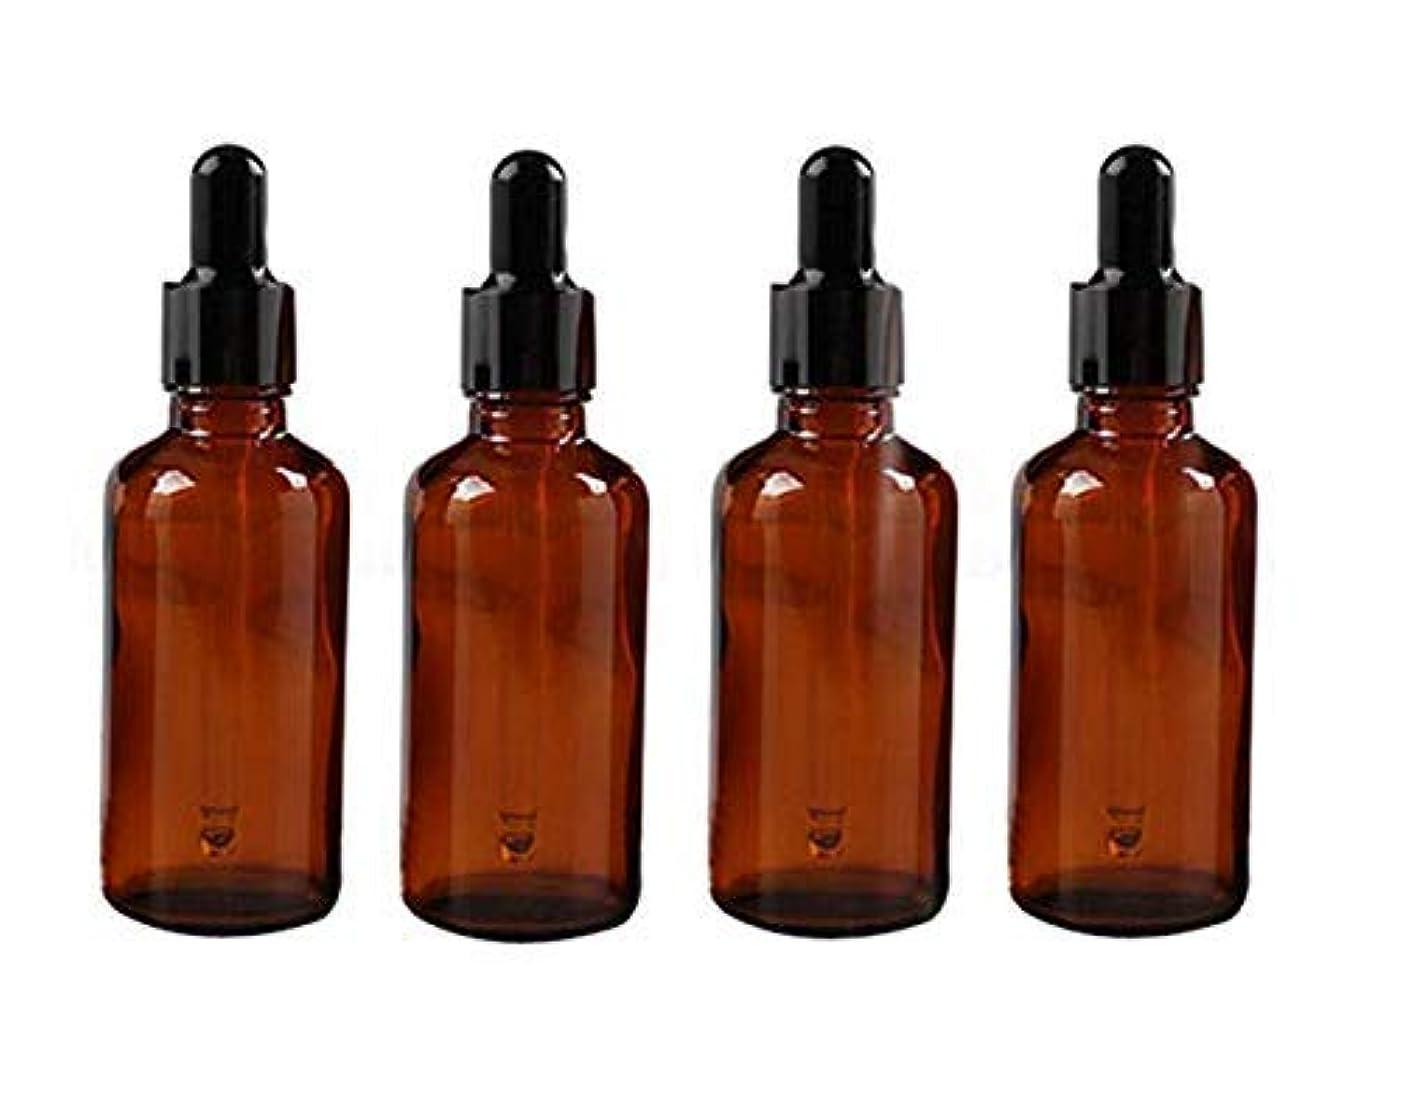 ちょうつがいなんでも大理石4PCS 50ml 1.7oz Empty Refillable Amber Glass Essential Oil Bottle Vial Container with Glass Eye Dropper [並行輸入品]